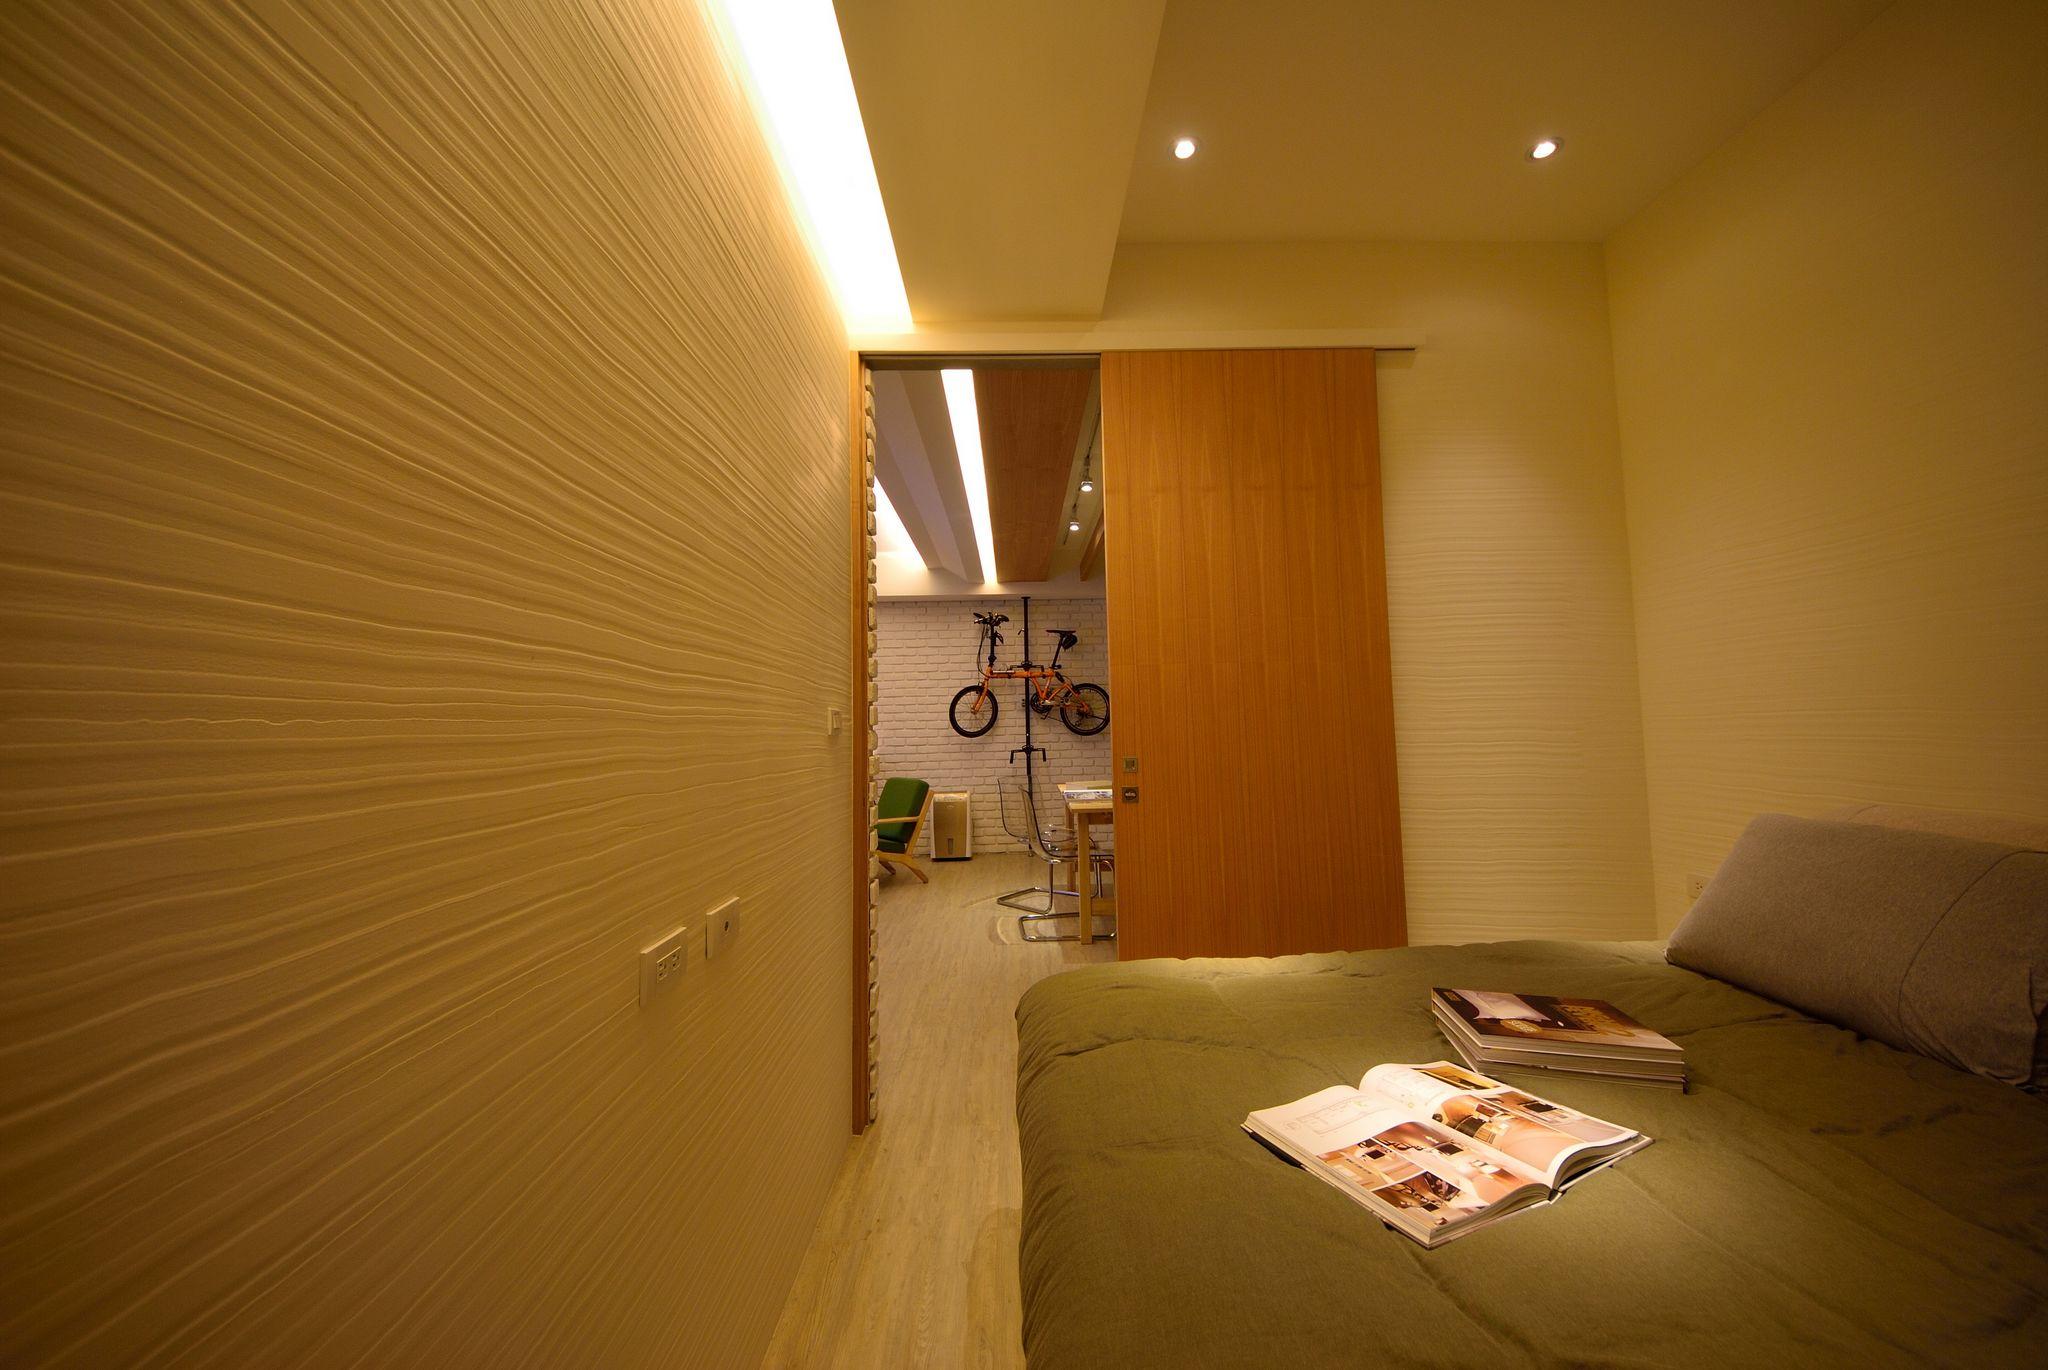 住宅設計-美式loft風房間